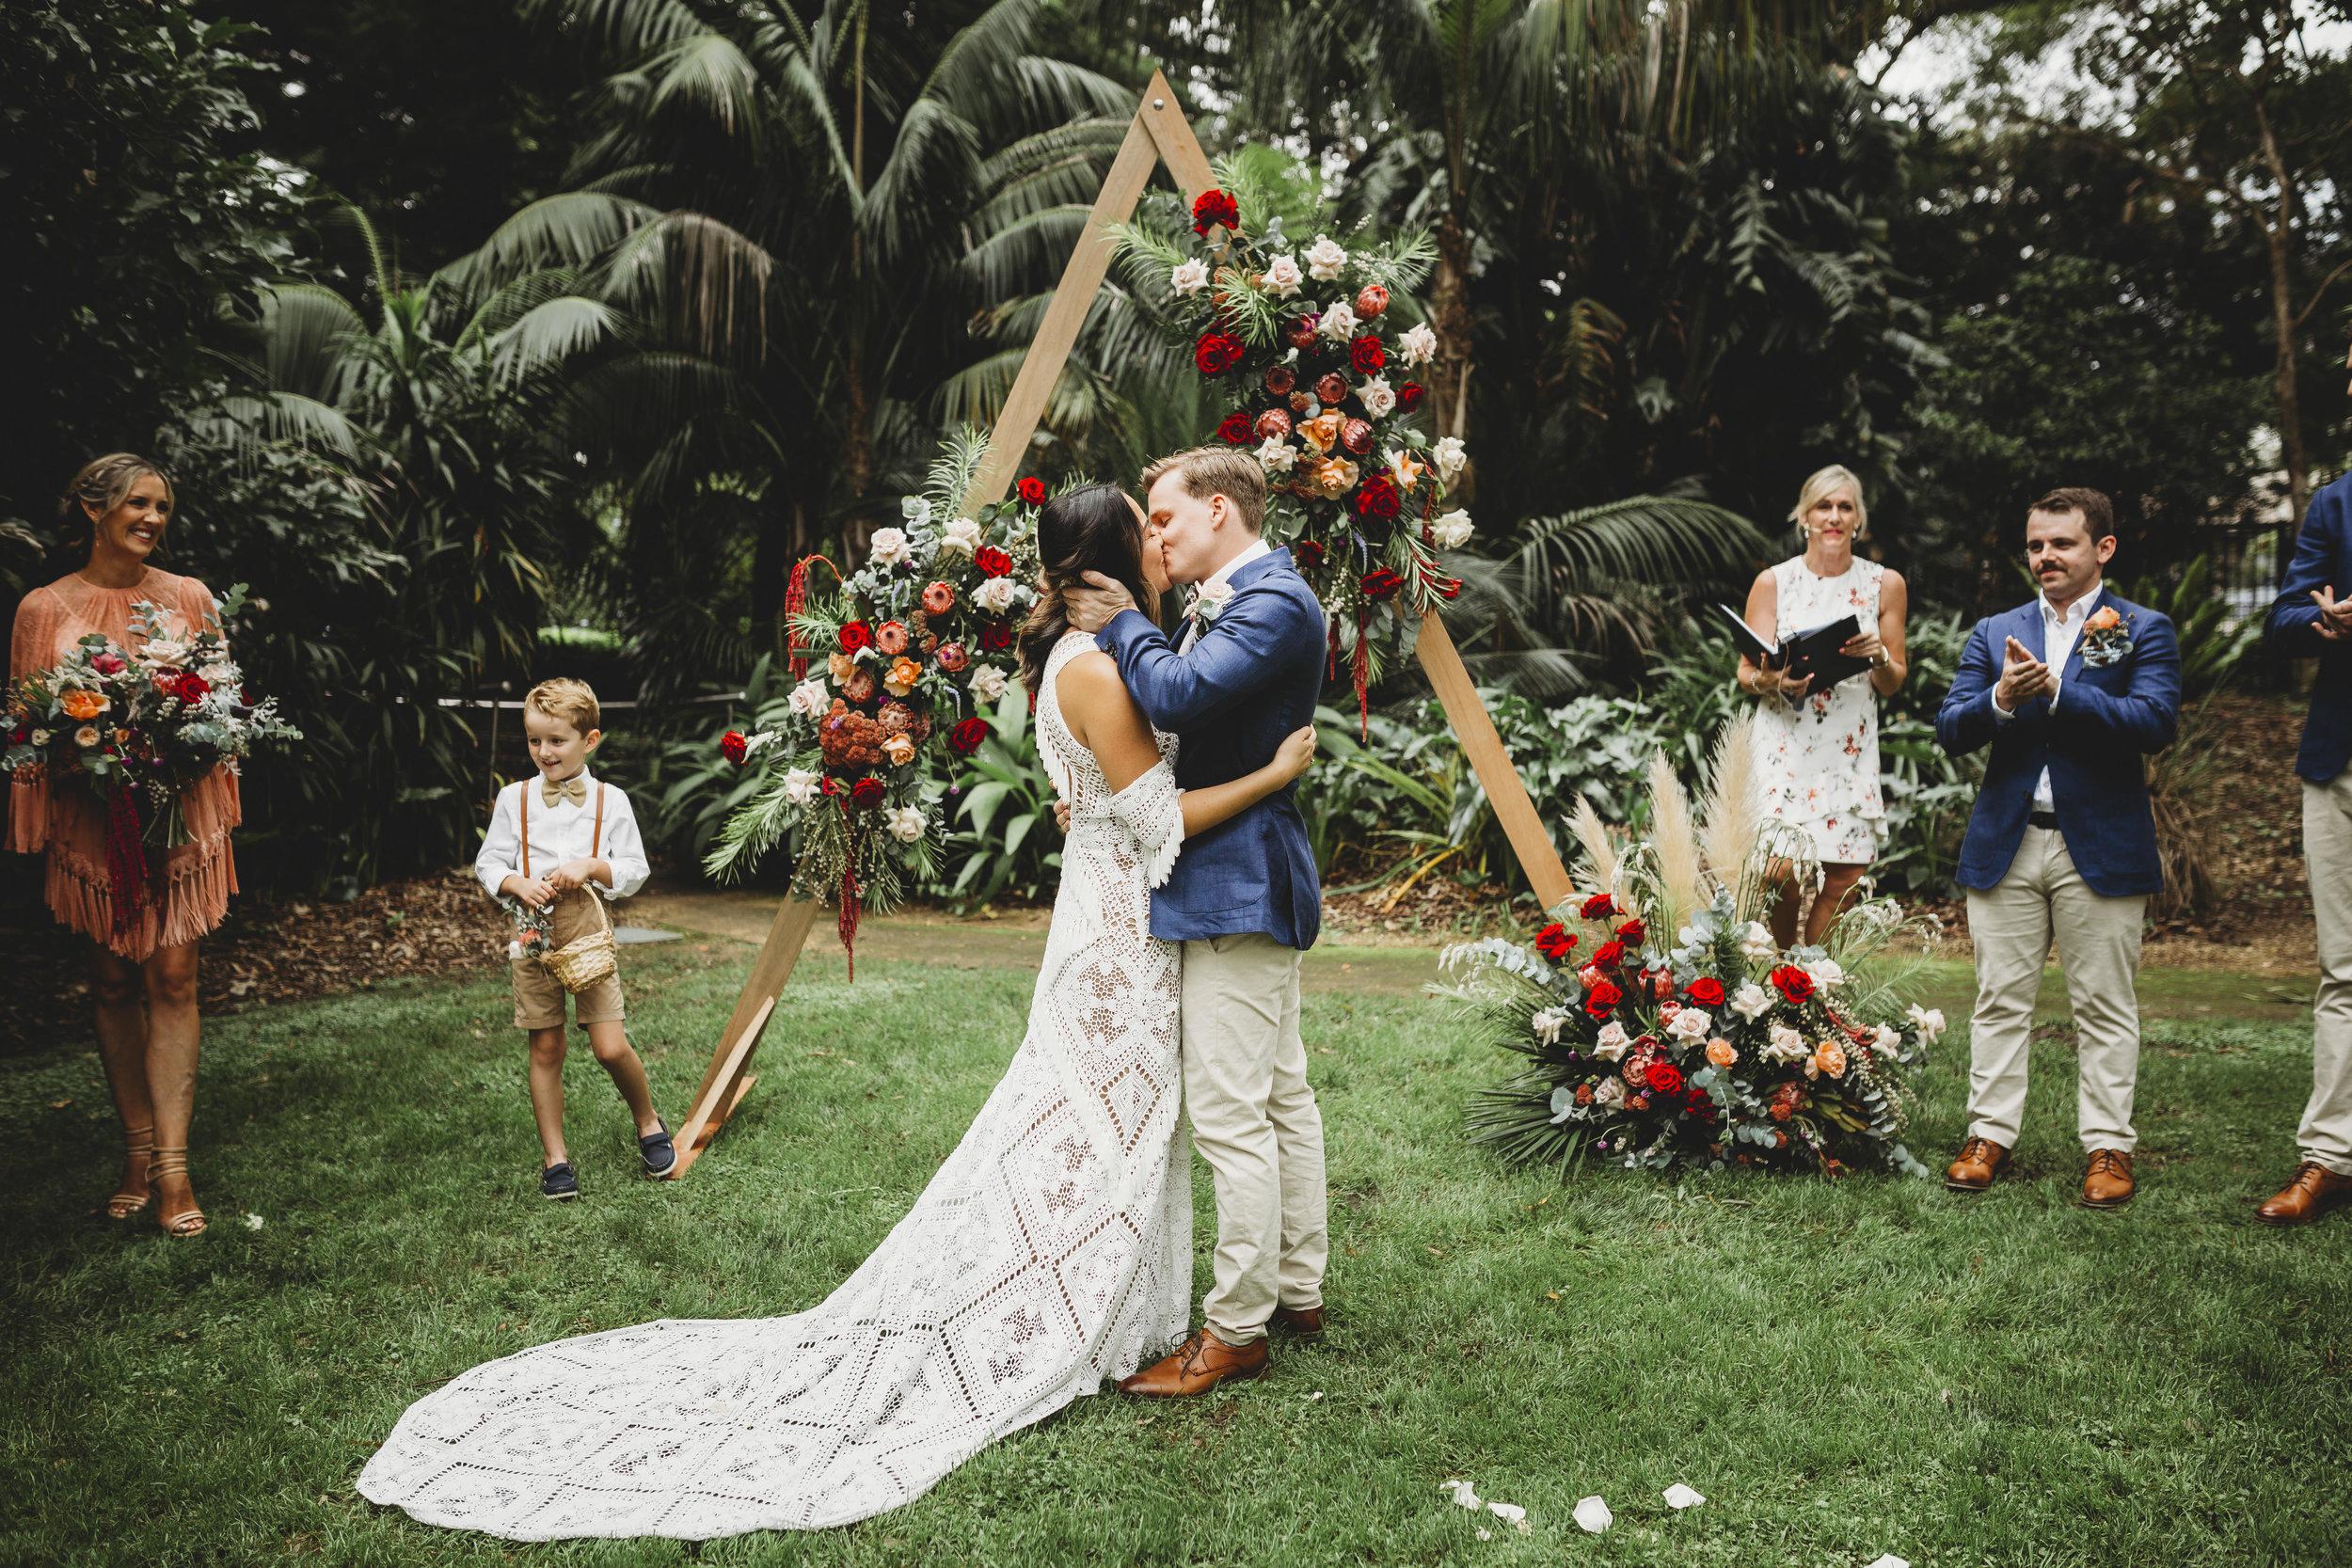 jess + curtis - A badass garden wedding